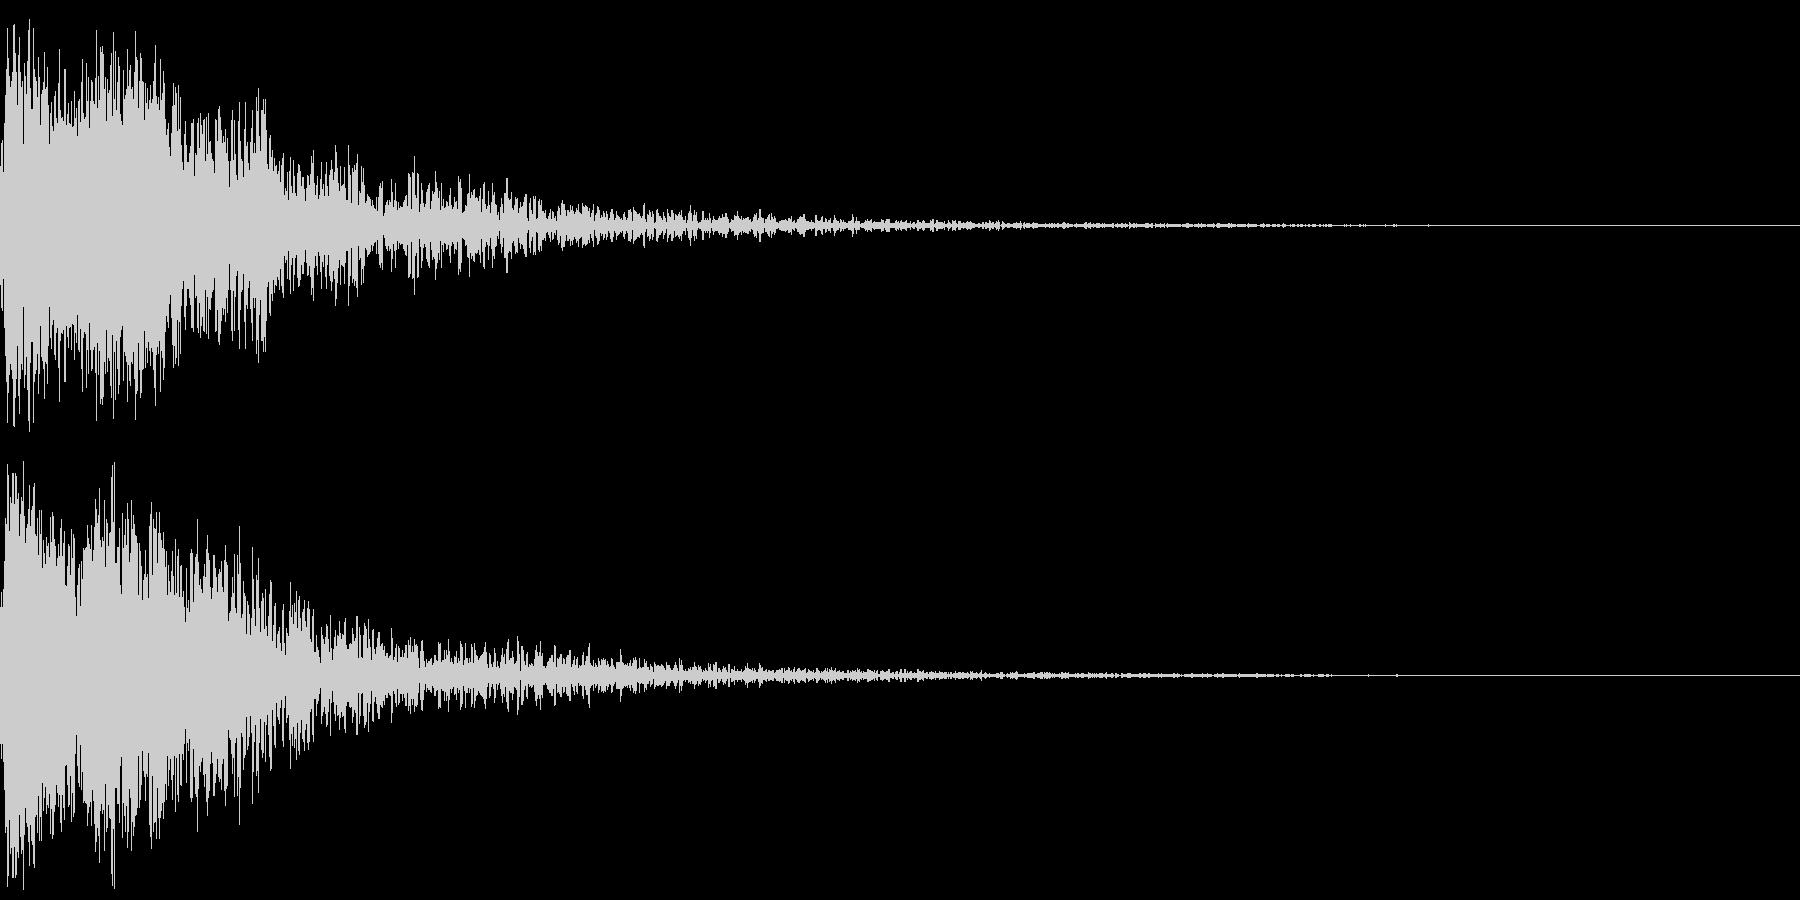 和風 オーケストラヒット ジングル!03の未再生の波形